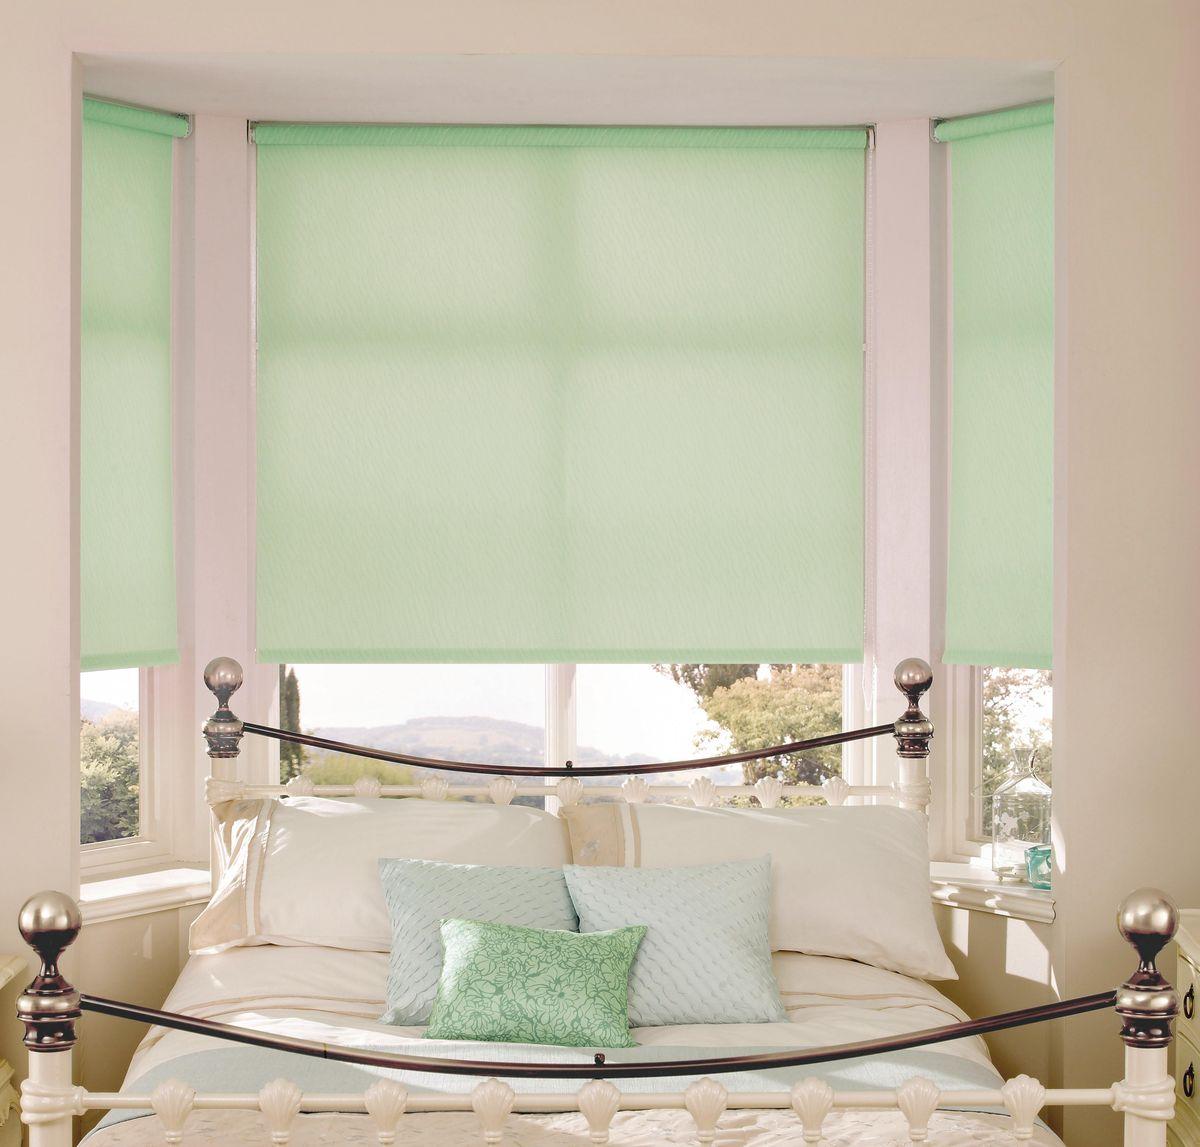 Штора рулонная Эскар, цвет: светло-зеленый, ширина 120 см, высота 170 см81017120170Рулонными шторами можно оформлять окна как самостоятельно, так и использовать в комбинации с портьерами. Это поможет предотвратить выгорание дорогой ткани на солнце и соединит функционал рулонных с красотой навесных.Преимущества применения рулонных штор для пластиковых окон:- имеют прекрасный внешний вид: многообразие и фактурность материала изделия отлично смотрятся в любом интерьере; - многофункциональны: есть возможность подобрать шторы способные эффективно защитить комнату от солнца, при этом о на не будет слишком темной. - Есть возможность осуществить быстрый монтаж. ВНИМАНИЕ! Размеры ширины изделия указаны по ширине ткани!Во время эксплуатации не рекомендуется полностью разматывать рулон, чтобы не оторвать ткань от намоточного вала.В случае загрязнения поверхности ткани, чистку шторы проводят одним из способов, в зависимости от типа загрязнения: легкое поверхностное загрязнение можно удалить при помощи канцелярского ластика; чистка от пыли производится сухим методом при помощи пылесоса с мягкой щеткой-насадкой; для удаления пятна используйте мягкую губку с пенообразующим неагрессивным моющим средством или пятновыводитель на натуральной основе (нельзя применять растворители).